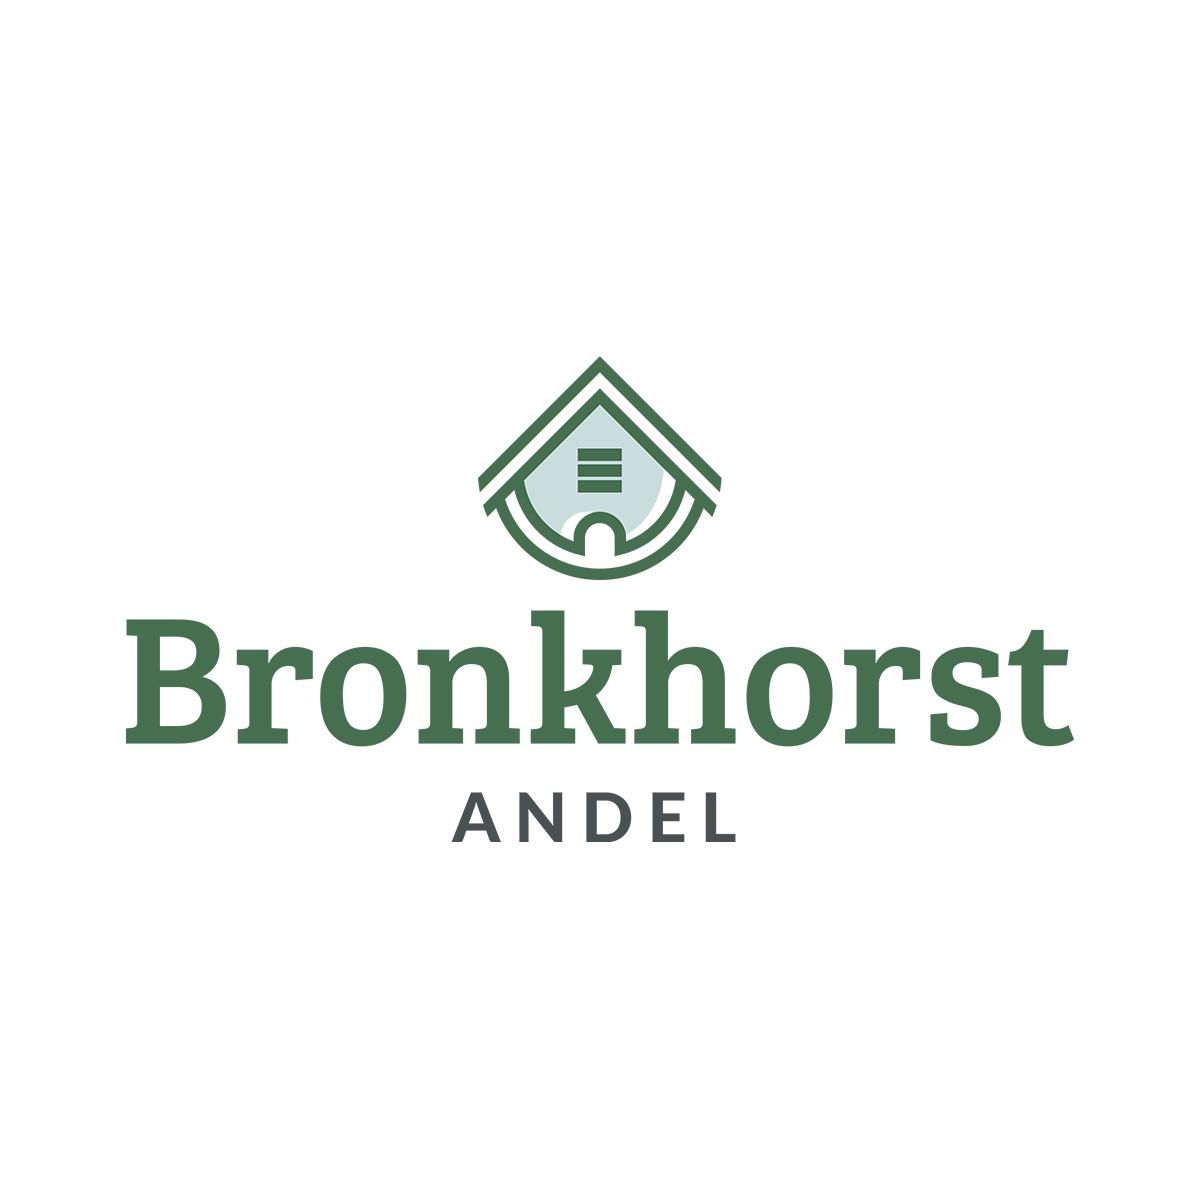 Bronkhorst-Andel